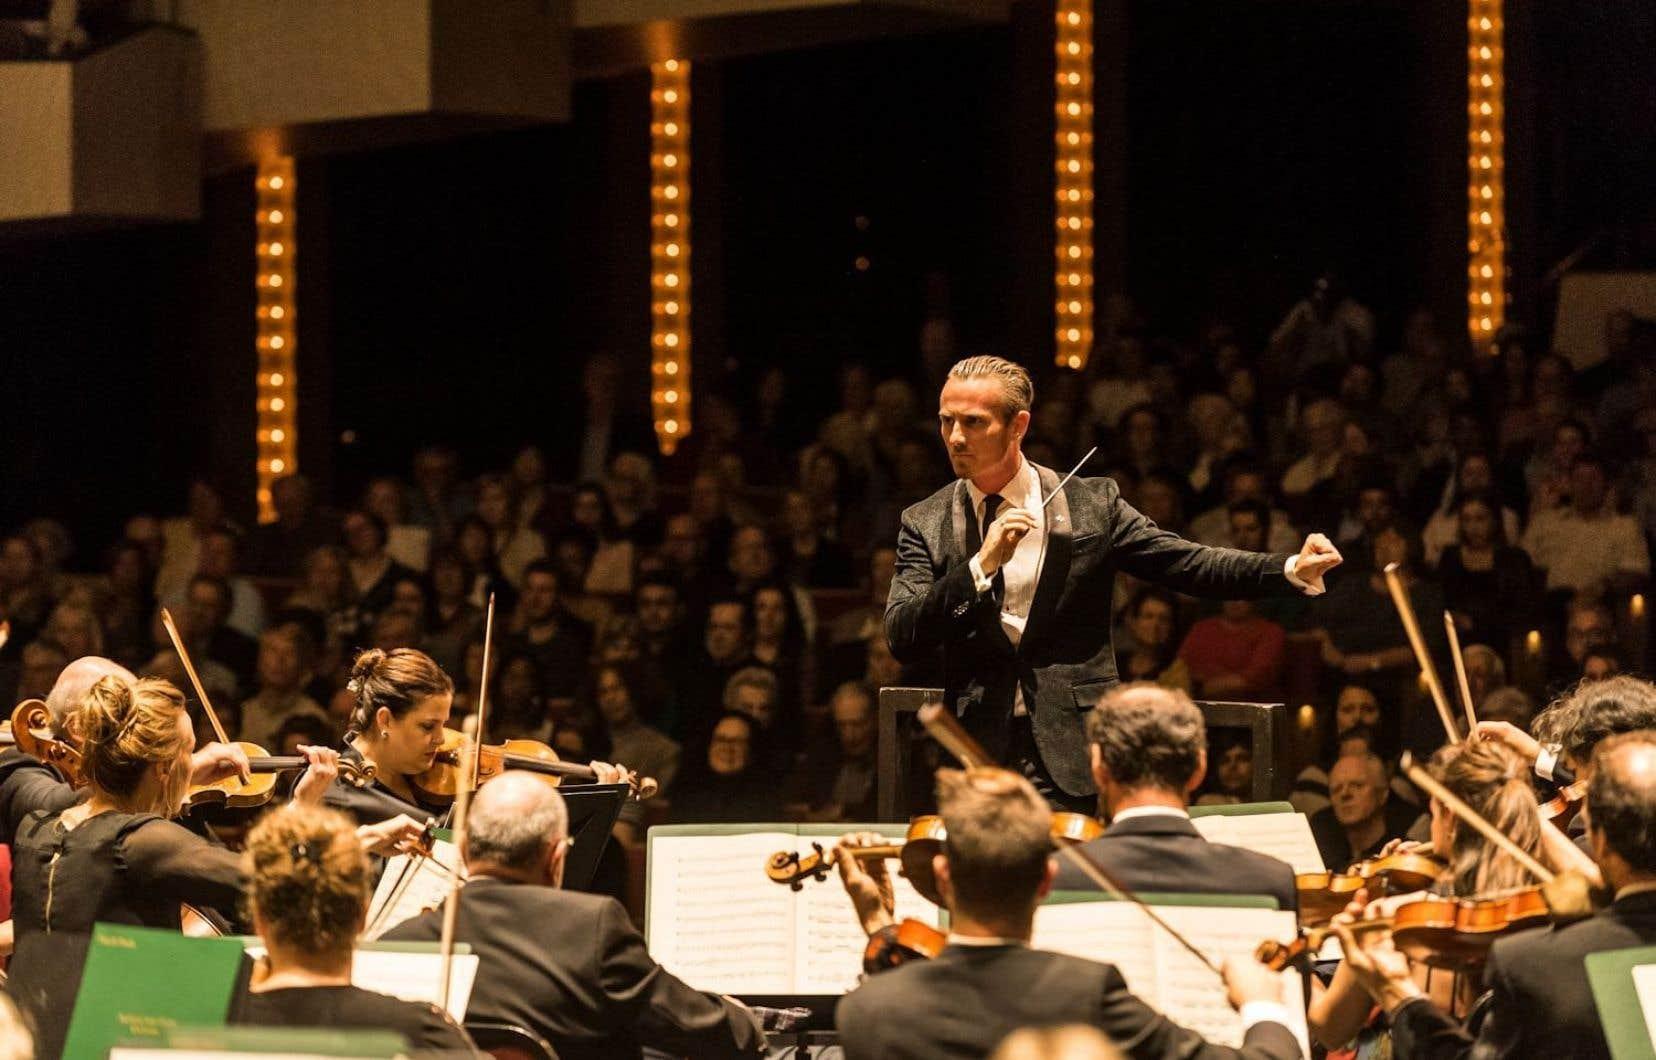 Alexander Shelley, directeur musical de l'Orchestre du Centre national des arts